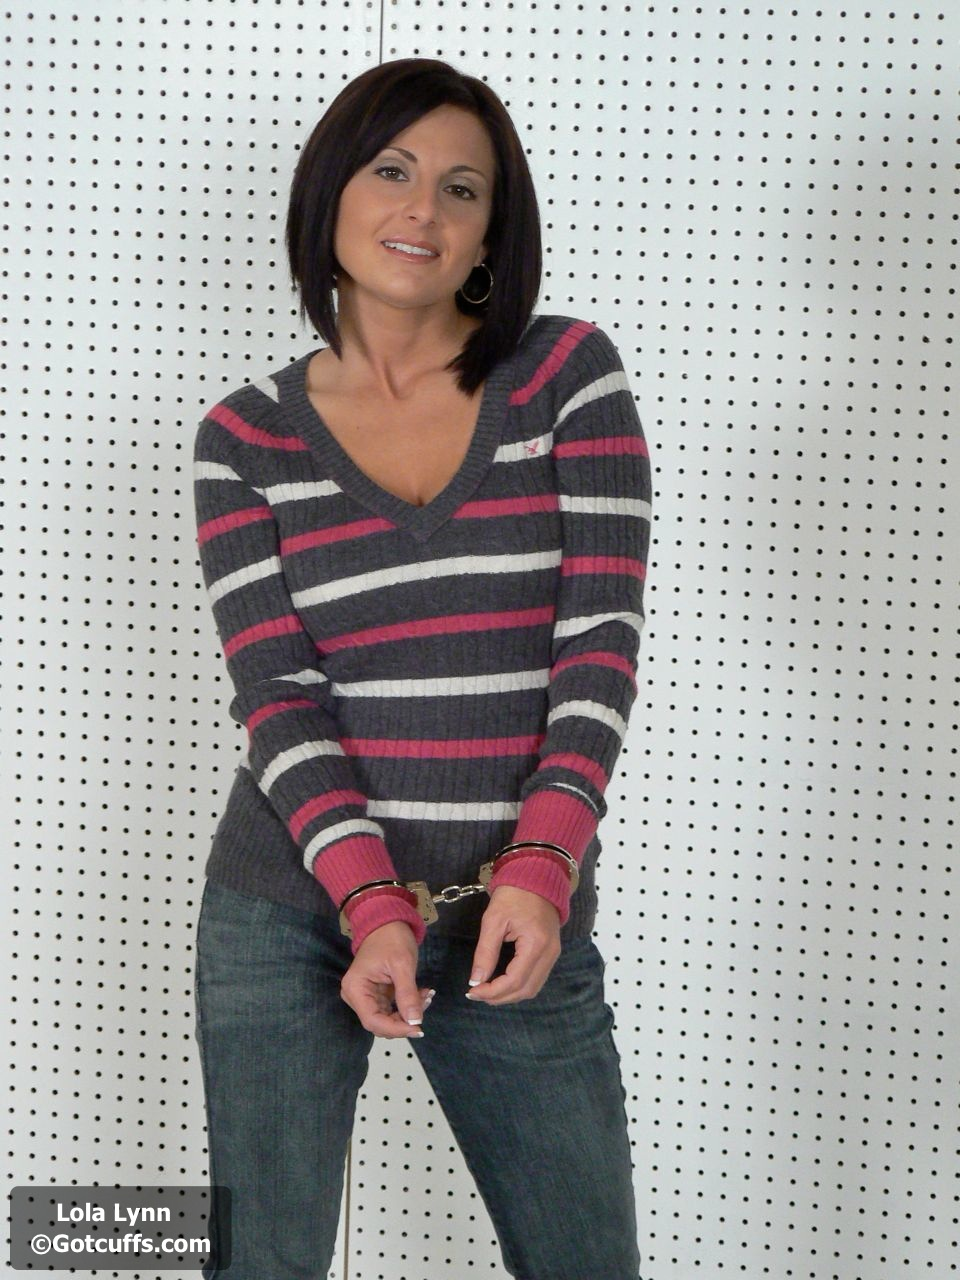 Lola Lynn Wiki & Bio - Pornographic Actress